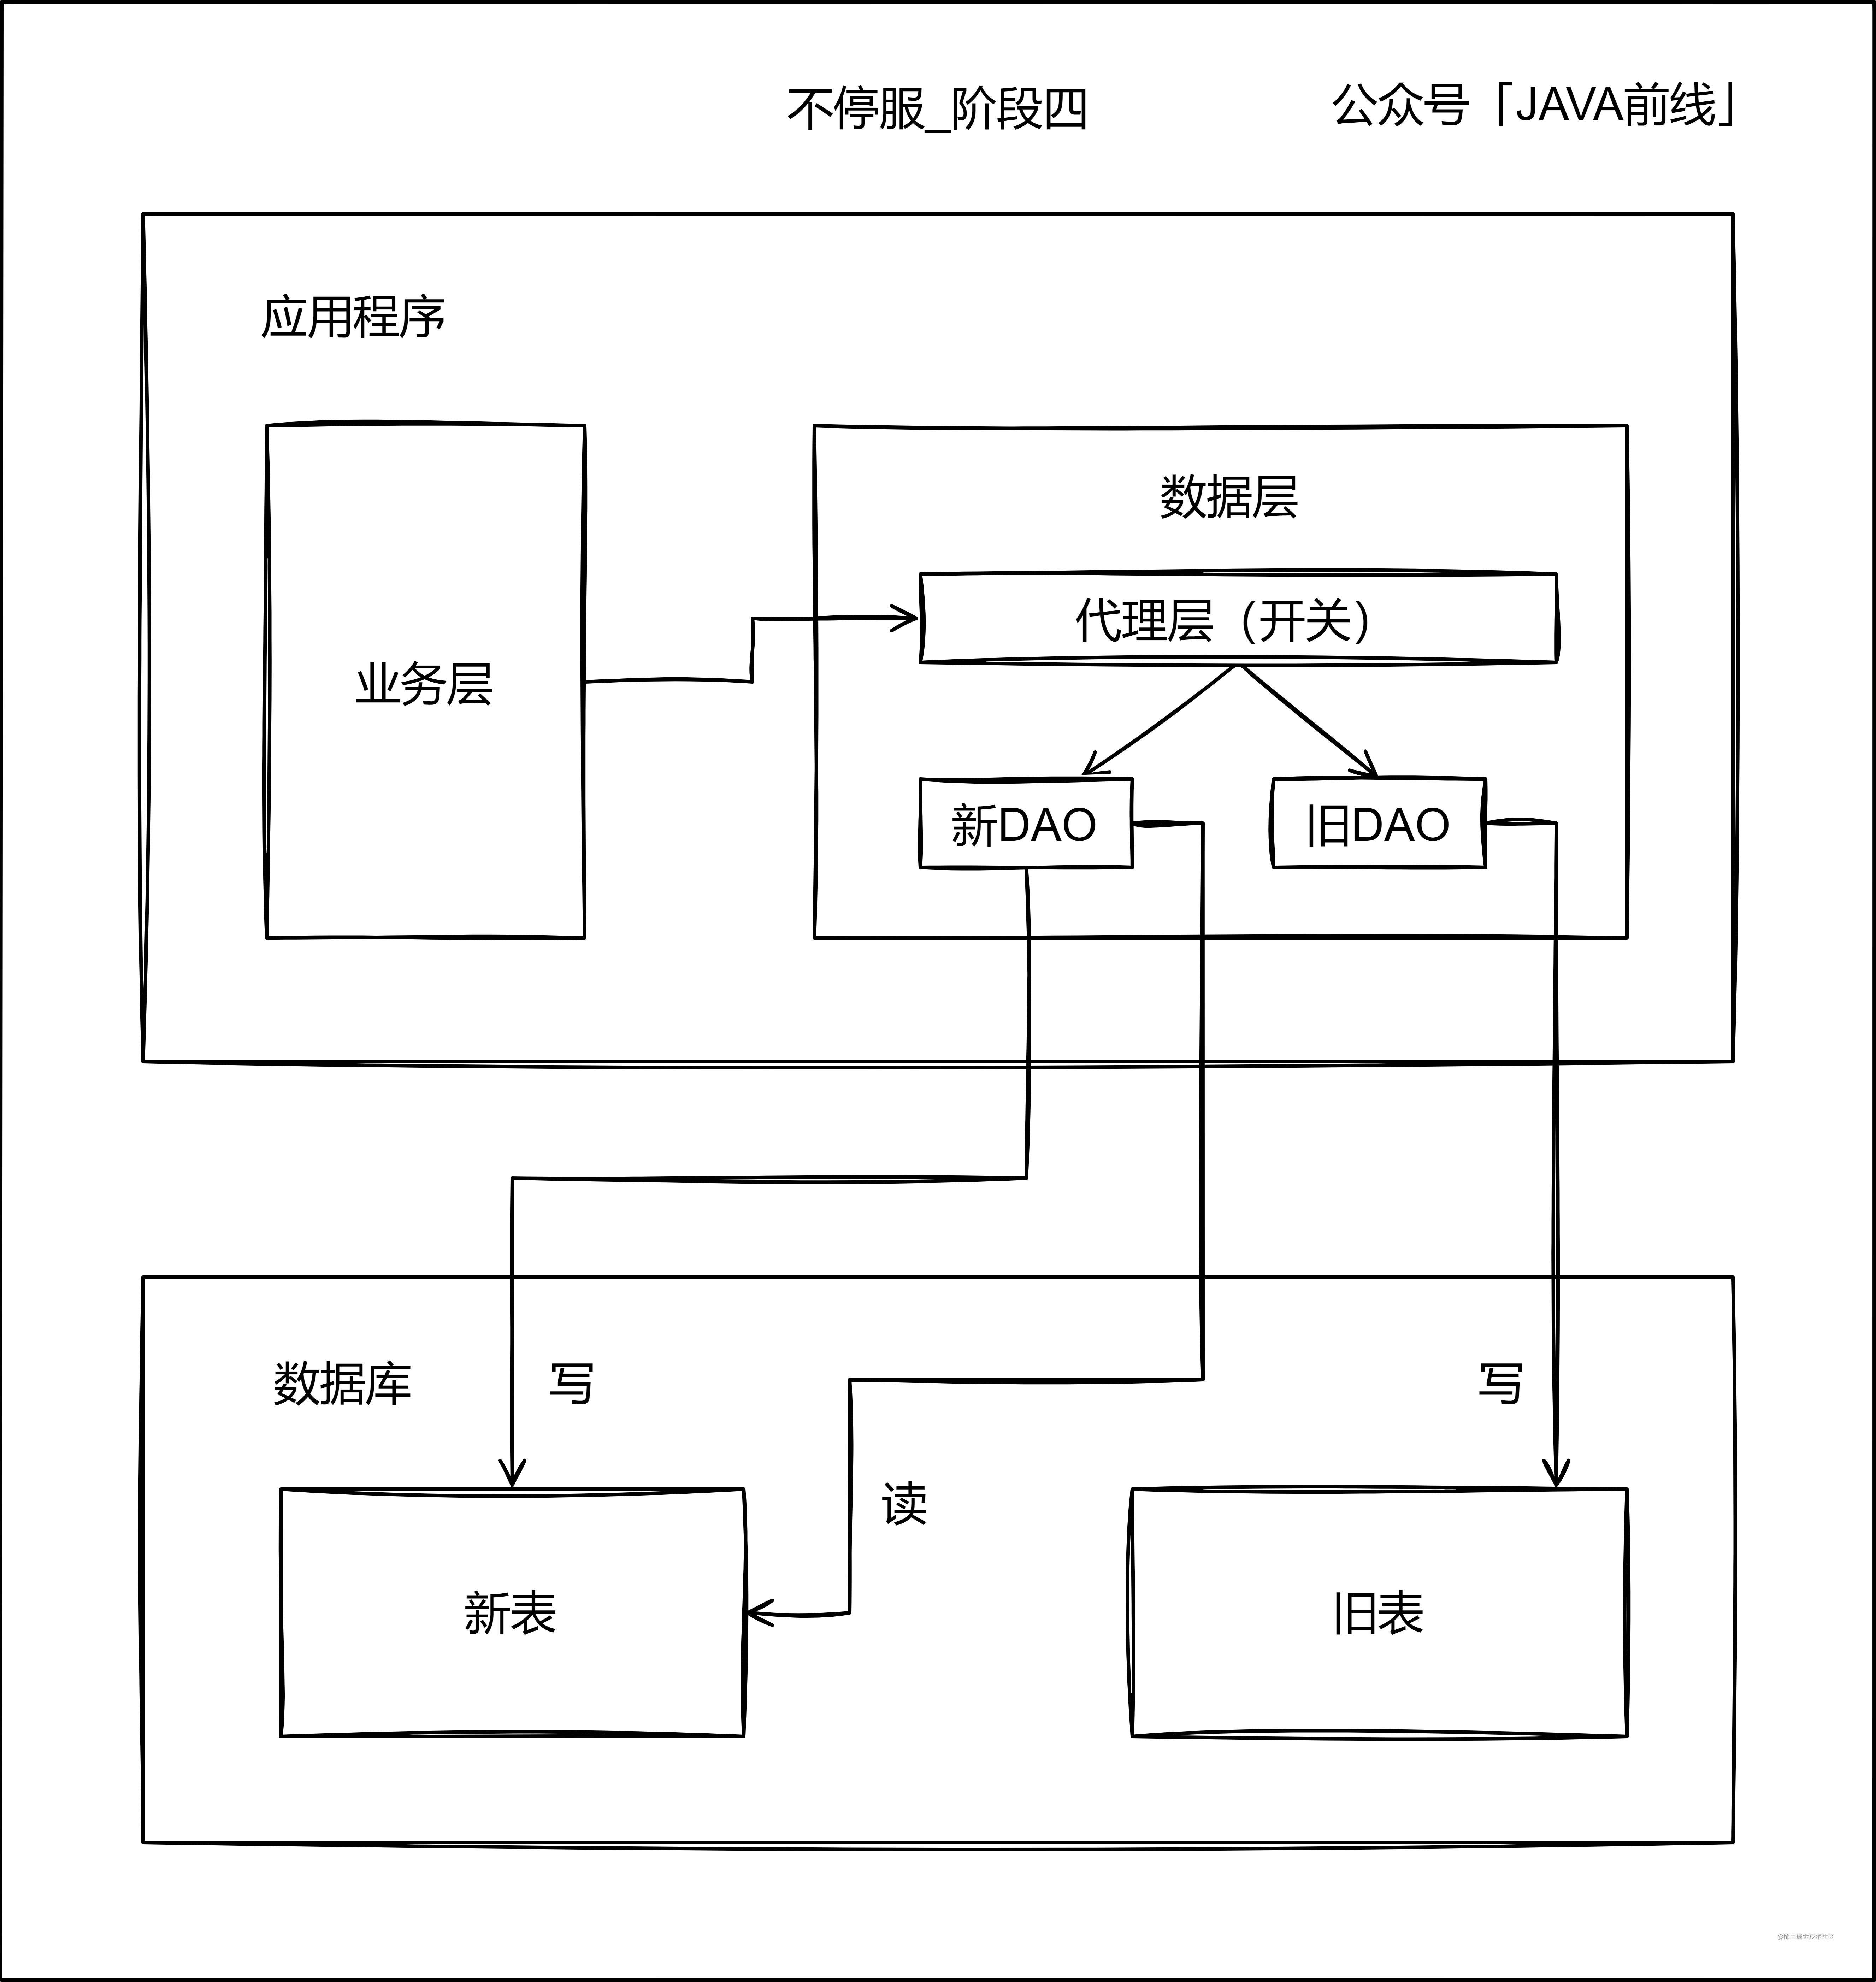 04 不停服_阶段4.jpg